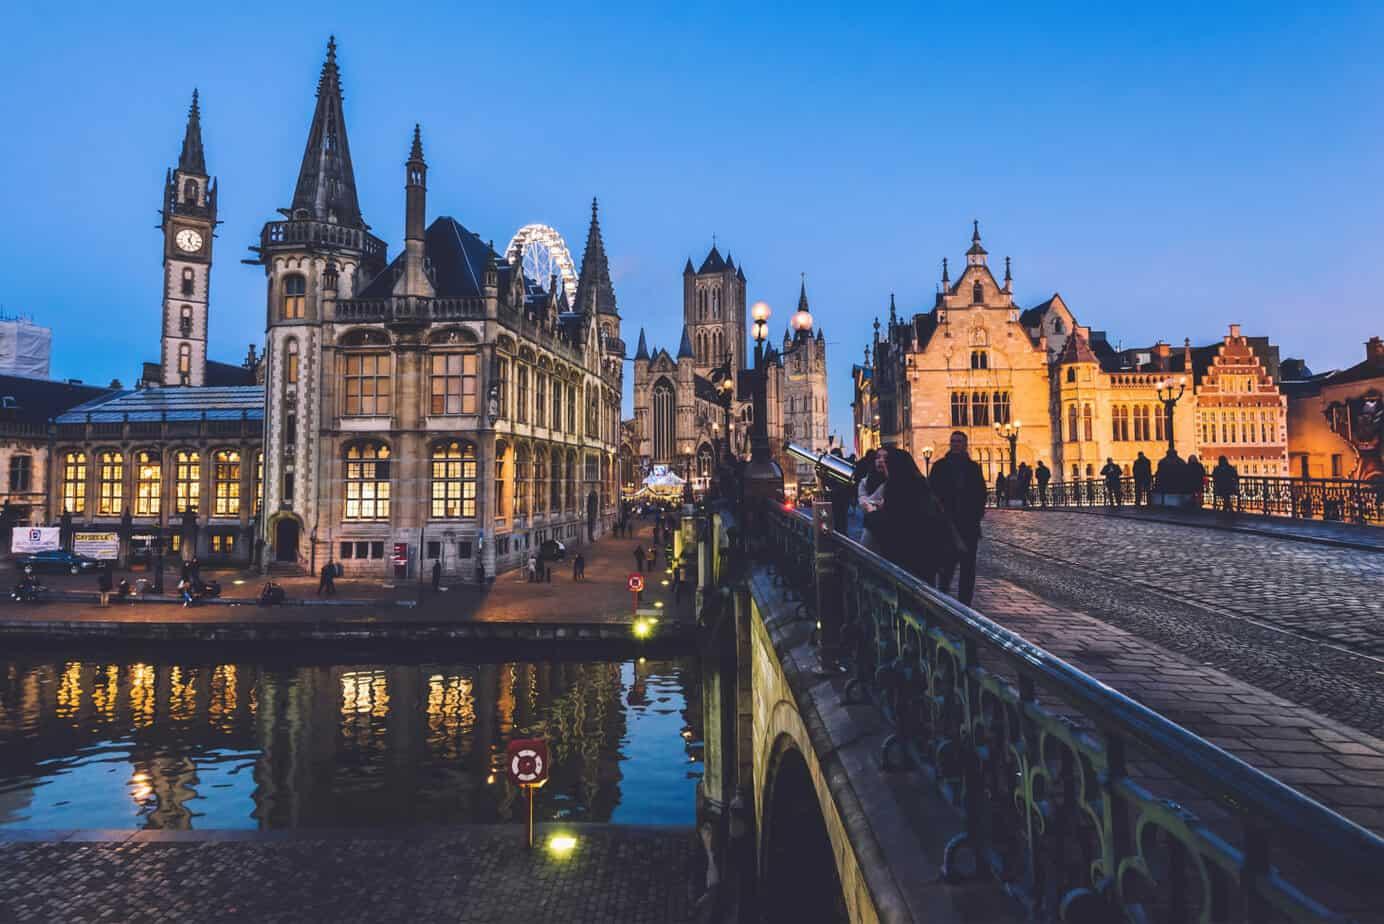 Sint Michiels brug